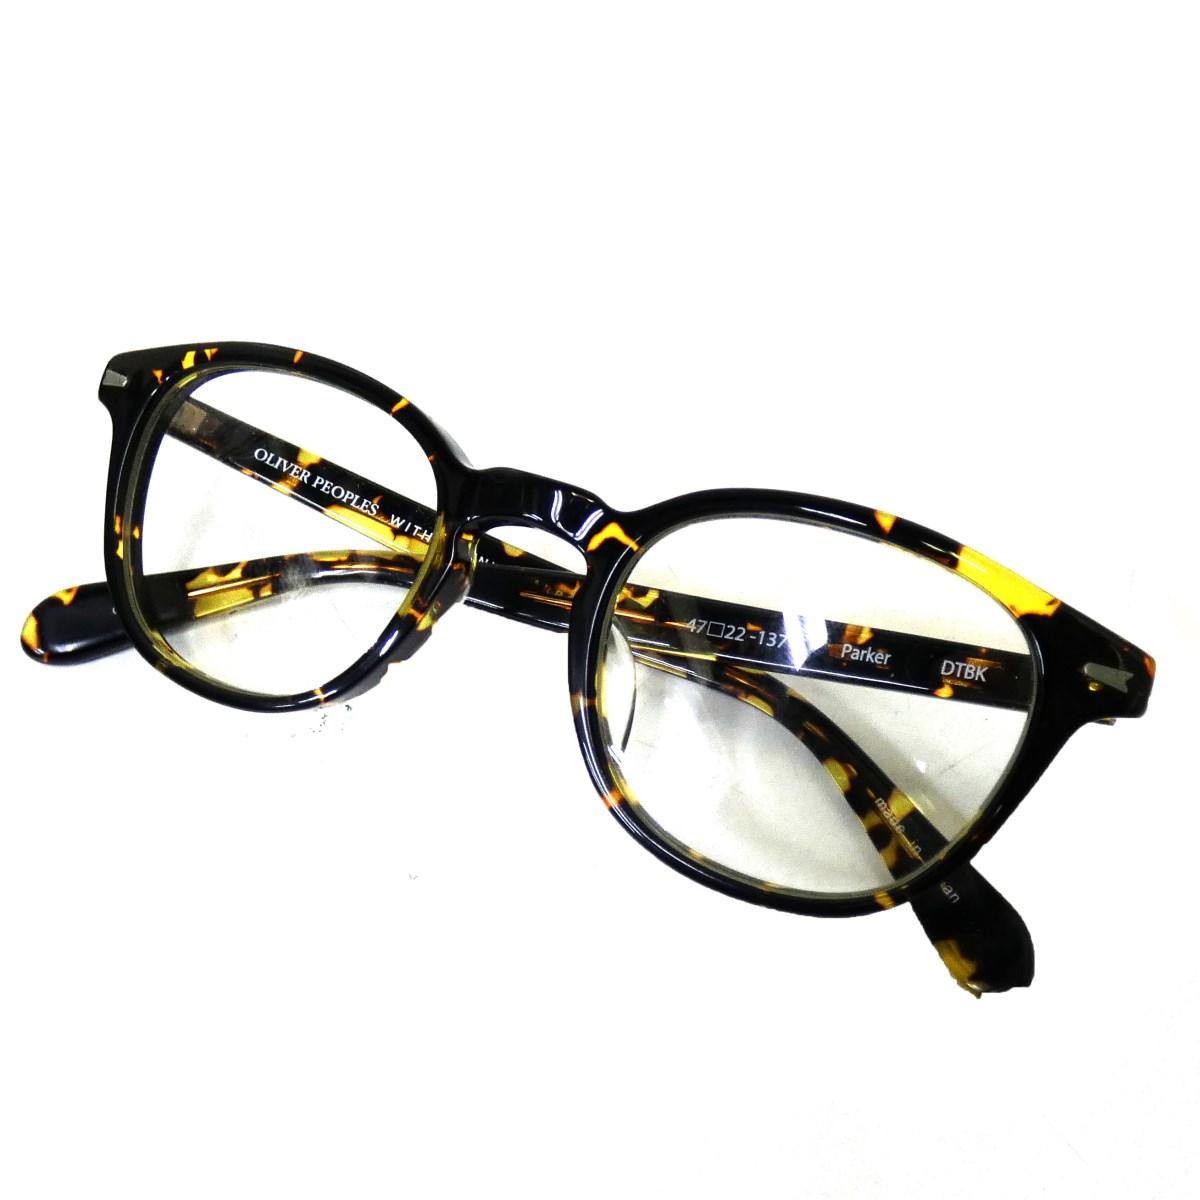 【中古】OLIVER PEOPLES×UNITED AROOWS 「Parker」 眼鏡 ブラック×ブラウン サイズ:47□22-137 【130220】(オリバーピープルズ ユナイテッドアローズ)